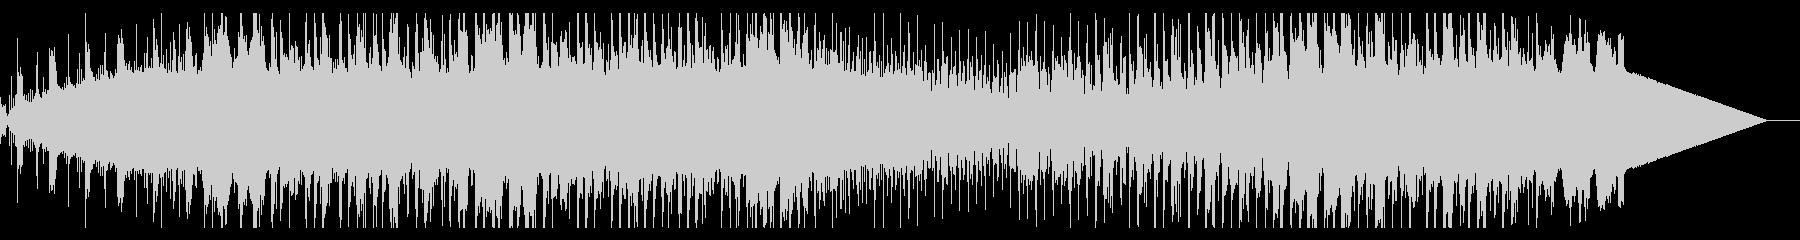 アナログシンセのダークなシネマスケープの未再生の波形